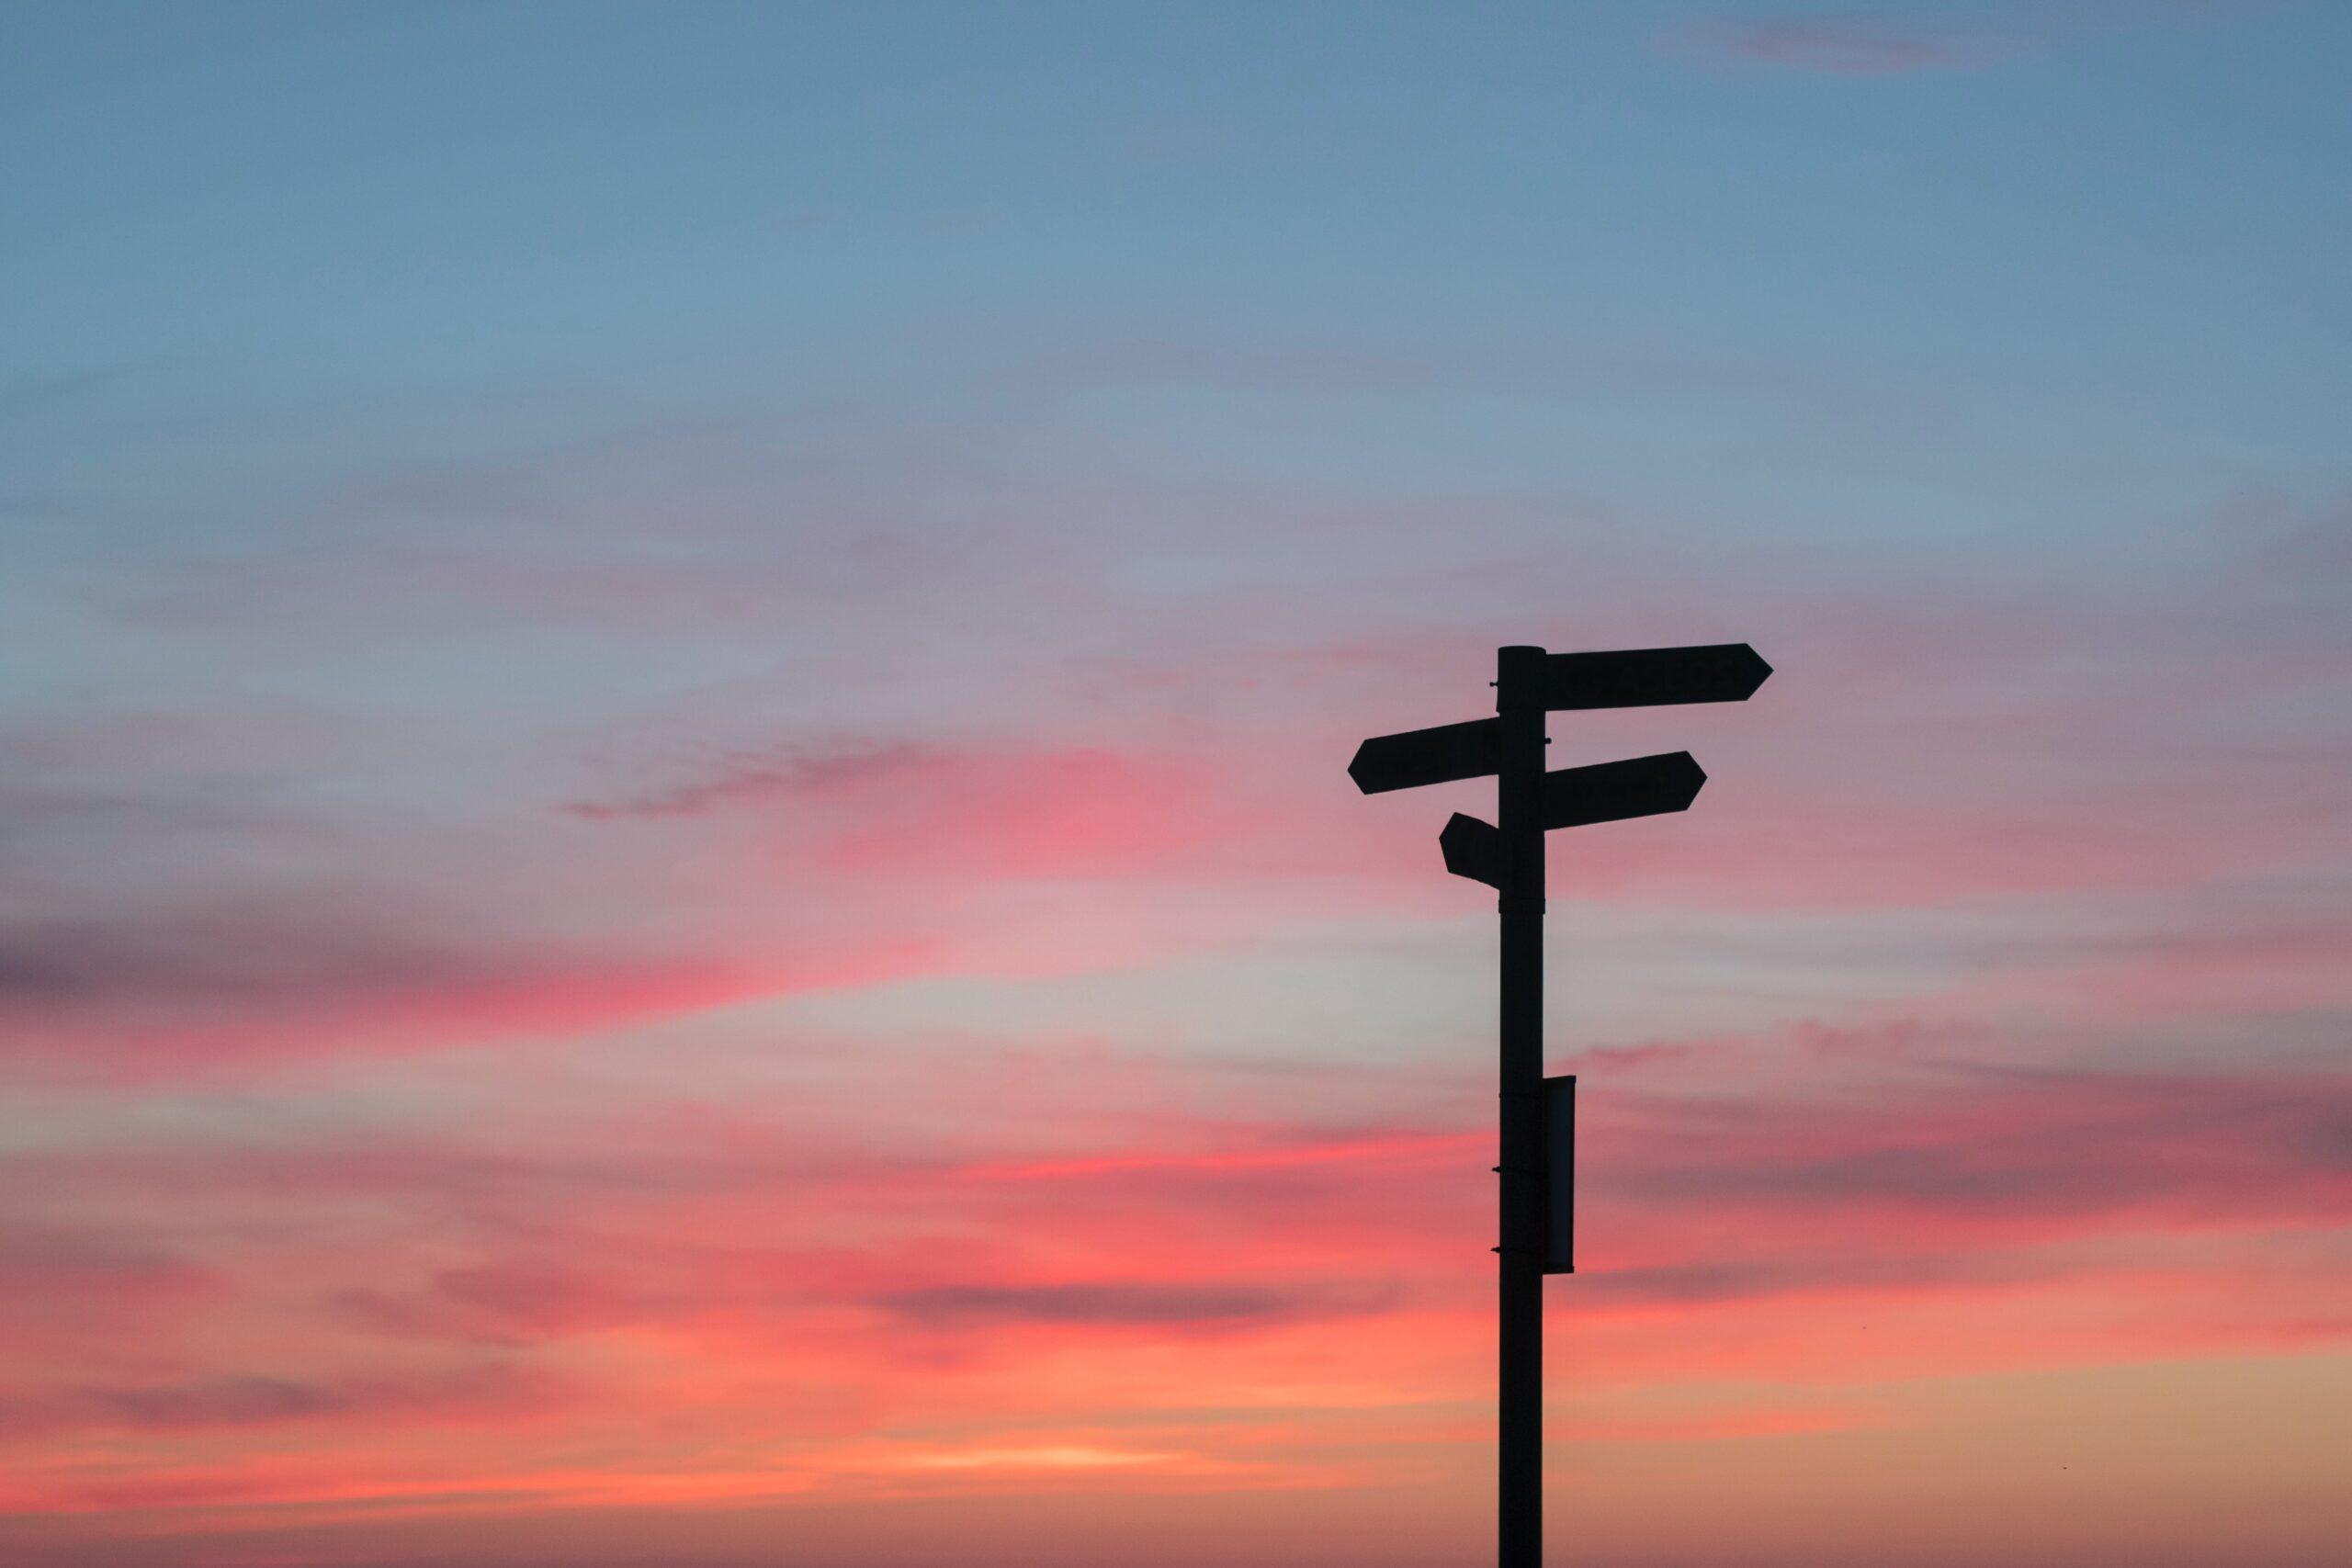 ein rosaroter himmel, davor schilder, die in verschiedene richtungen zeigen